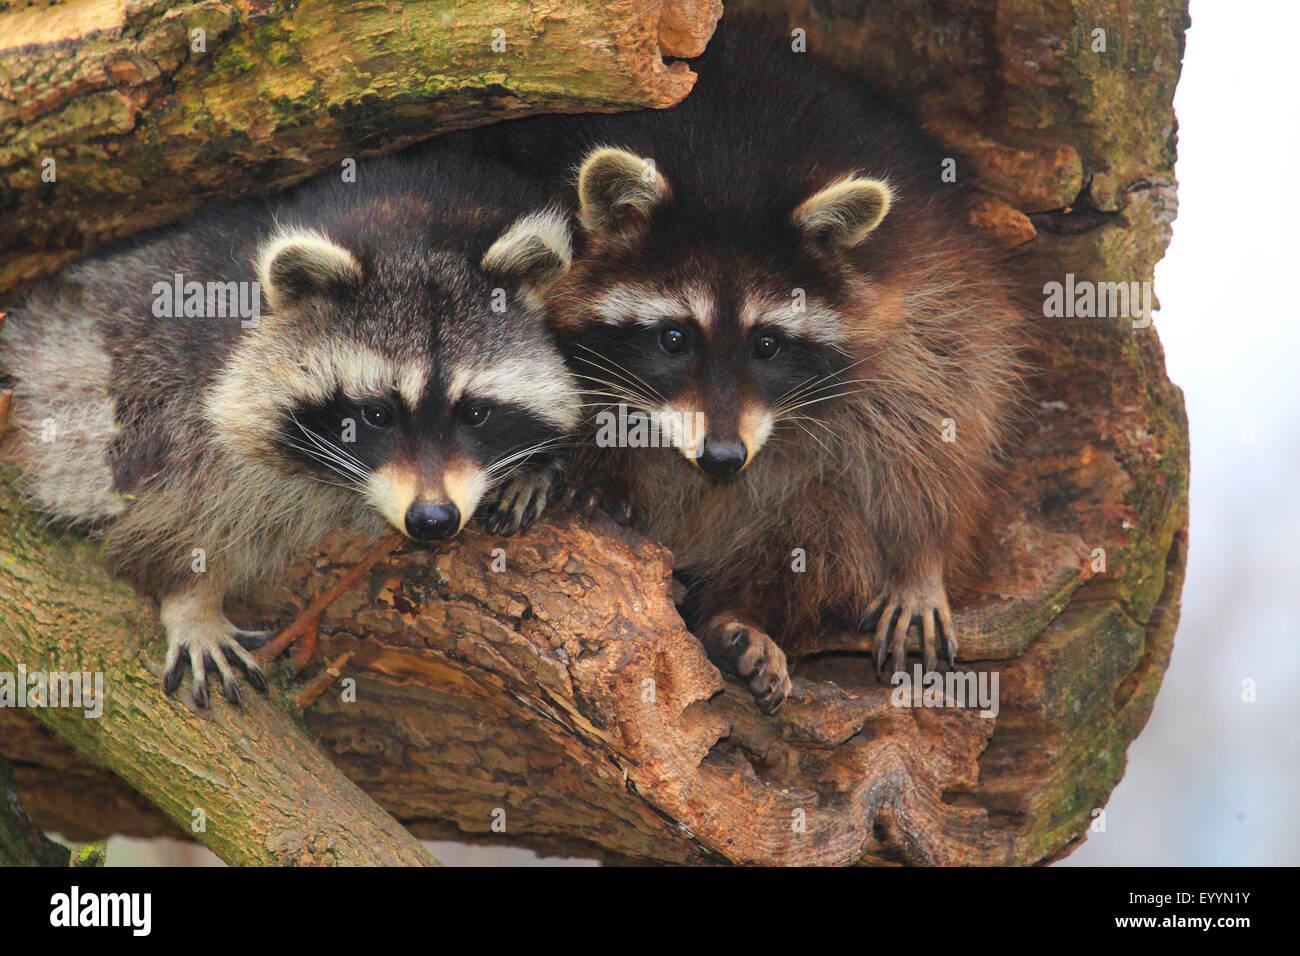 gemeinsamen Waschbär (Procyon Lotor), sitzen zwei Waschbären auf einen alten Baum, Deutschland Stockbild